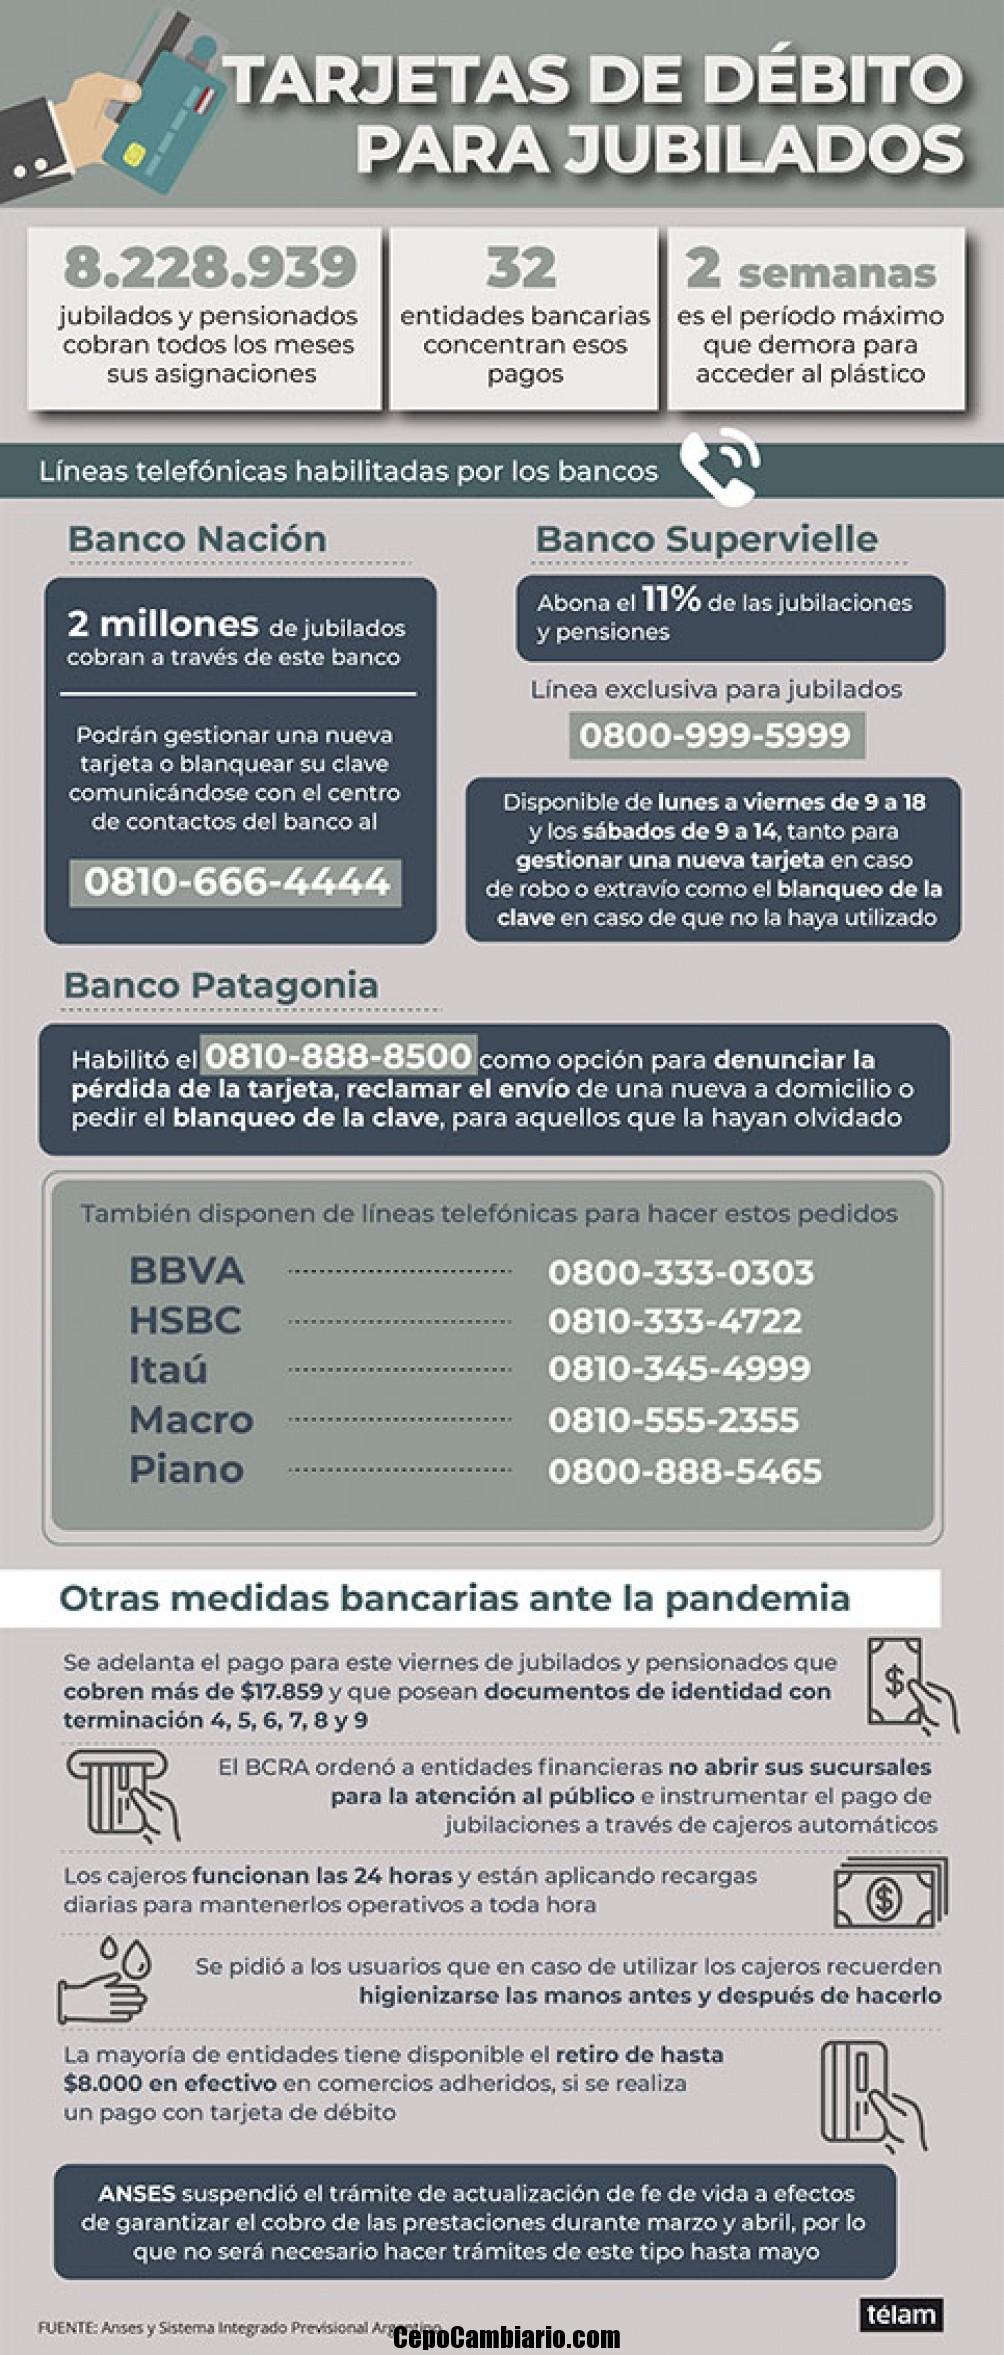 El Central indicó diversas formas de retirar efectivo en todo el país durante la emergencia sanitaria